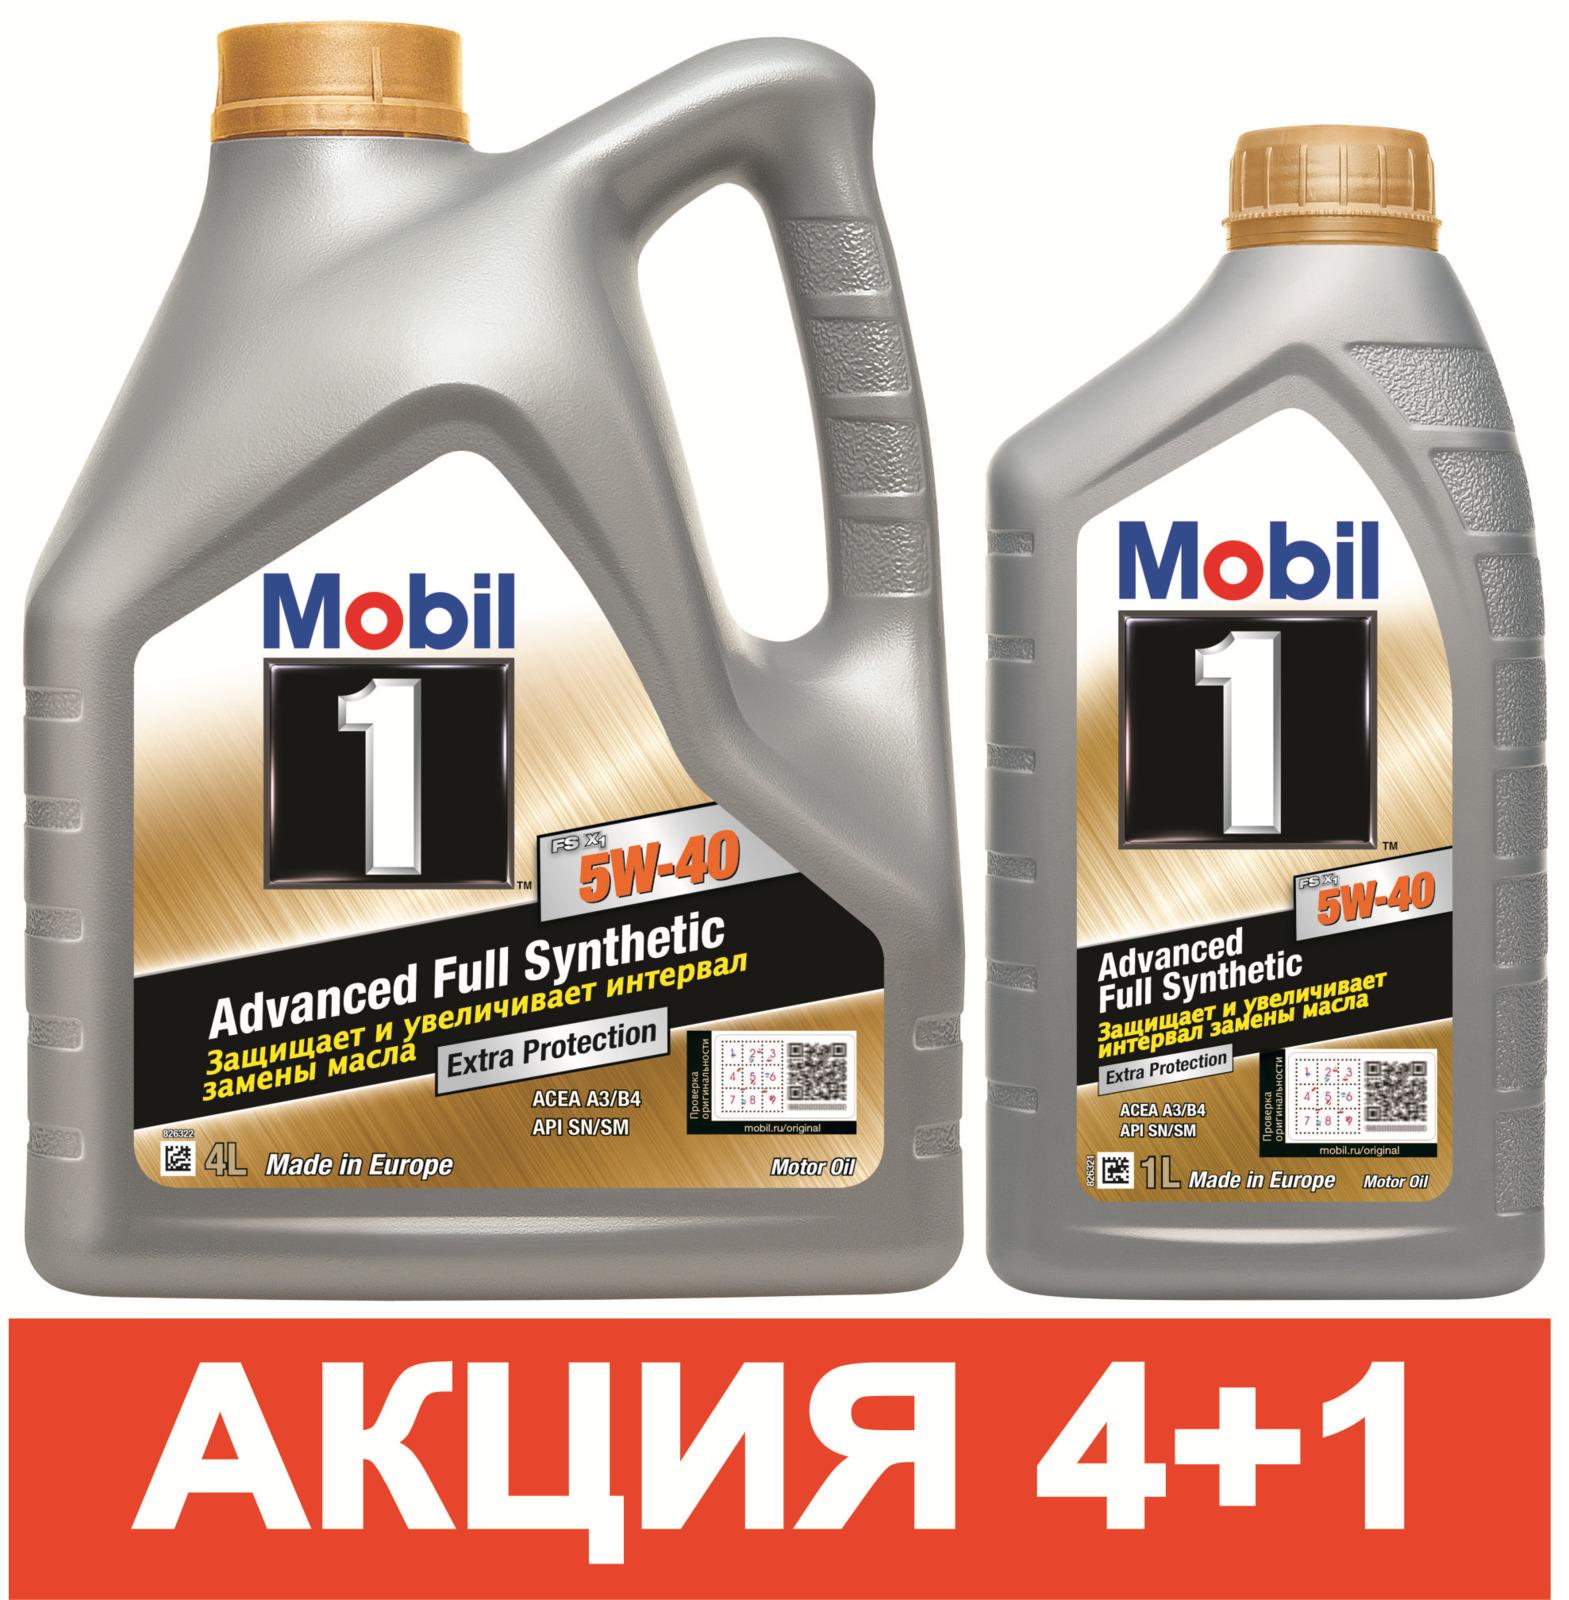 Моторное масло Mobil 1 FS, синтетическое, 5W-40, 4+1 л